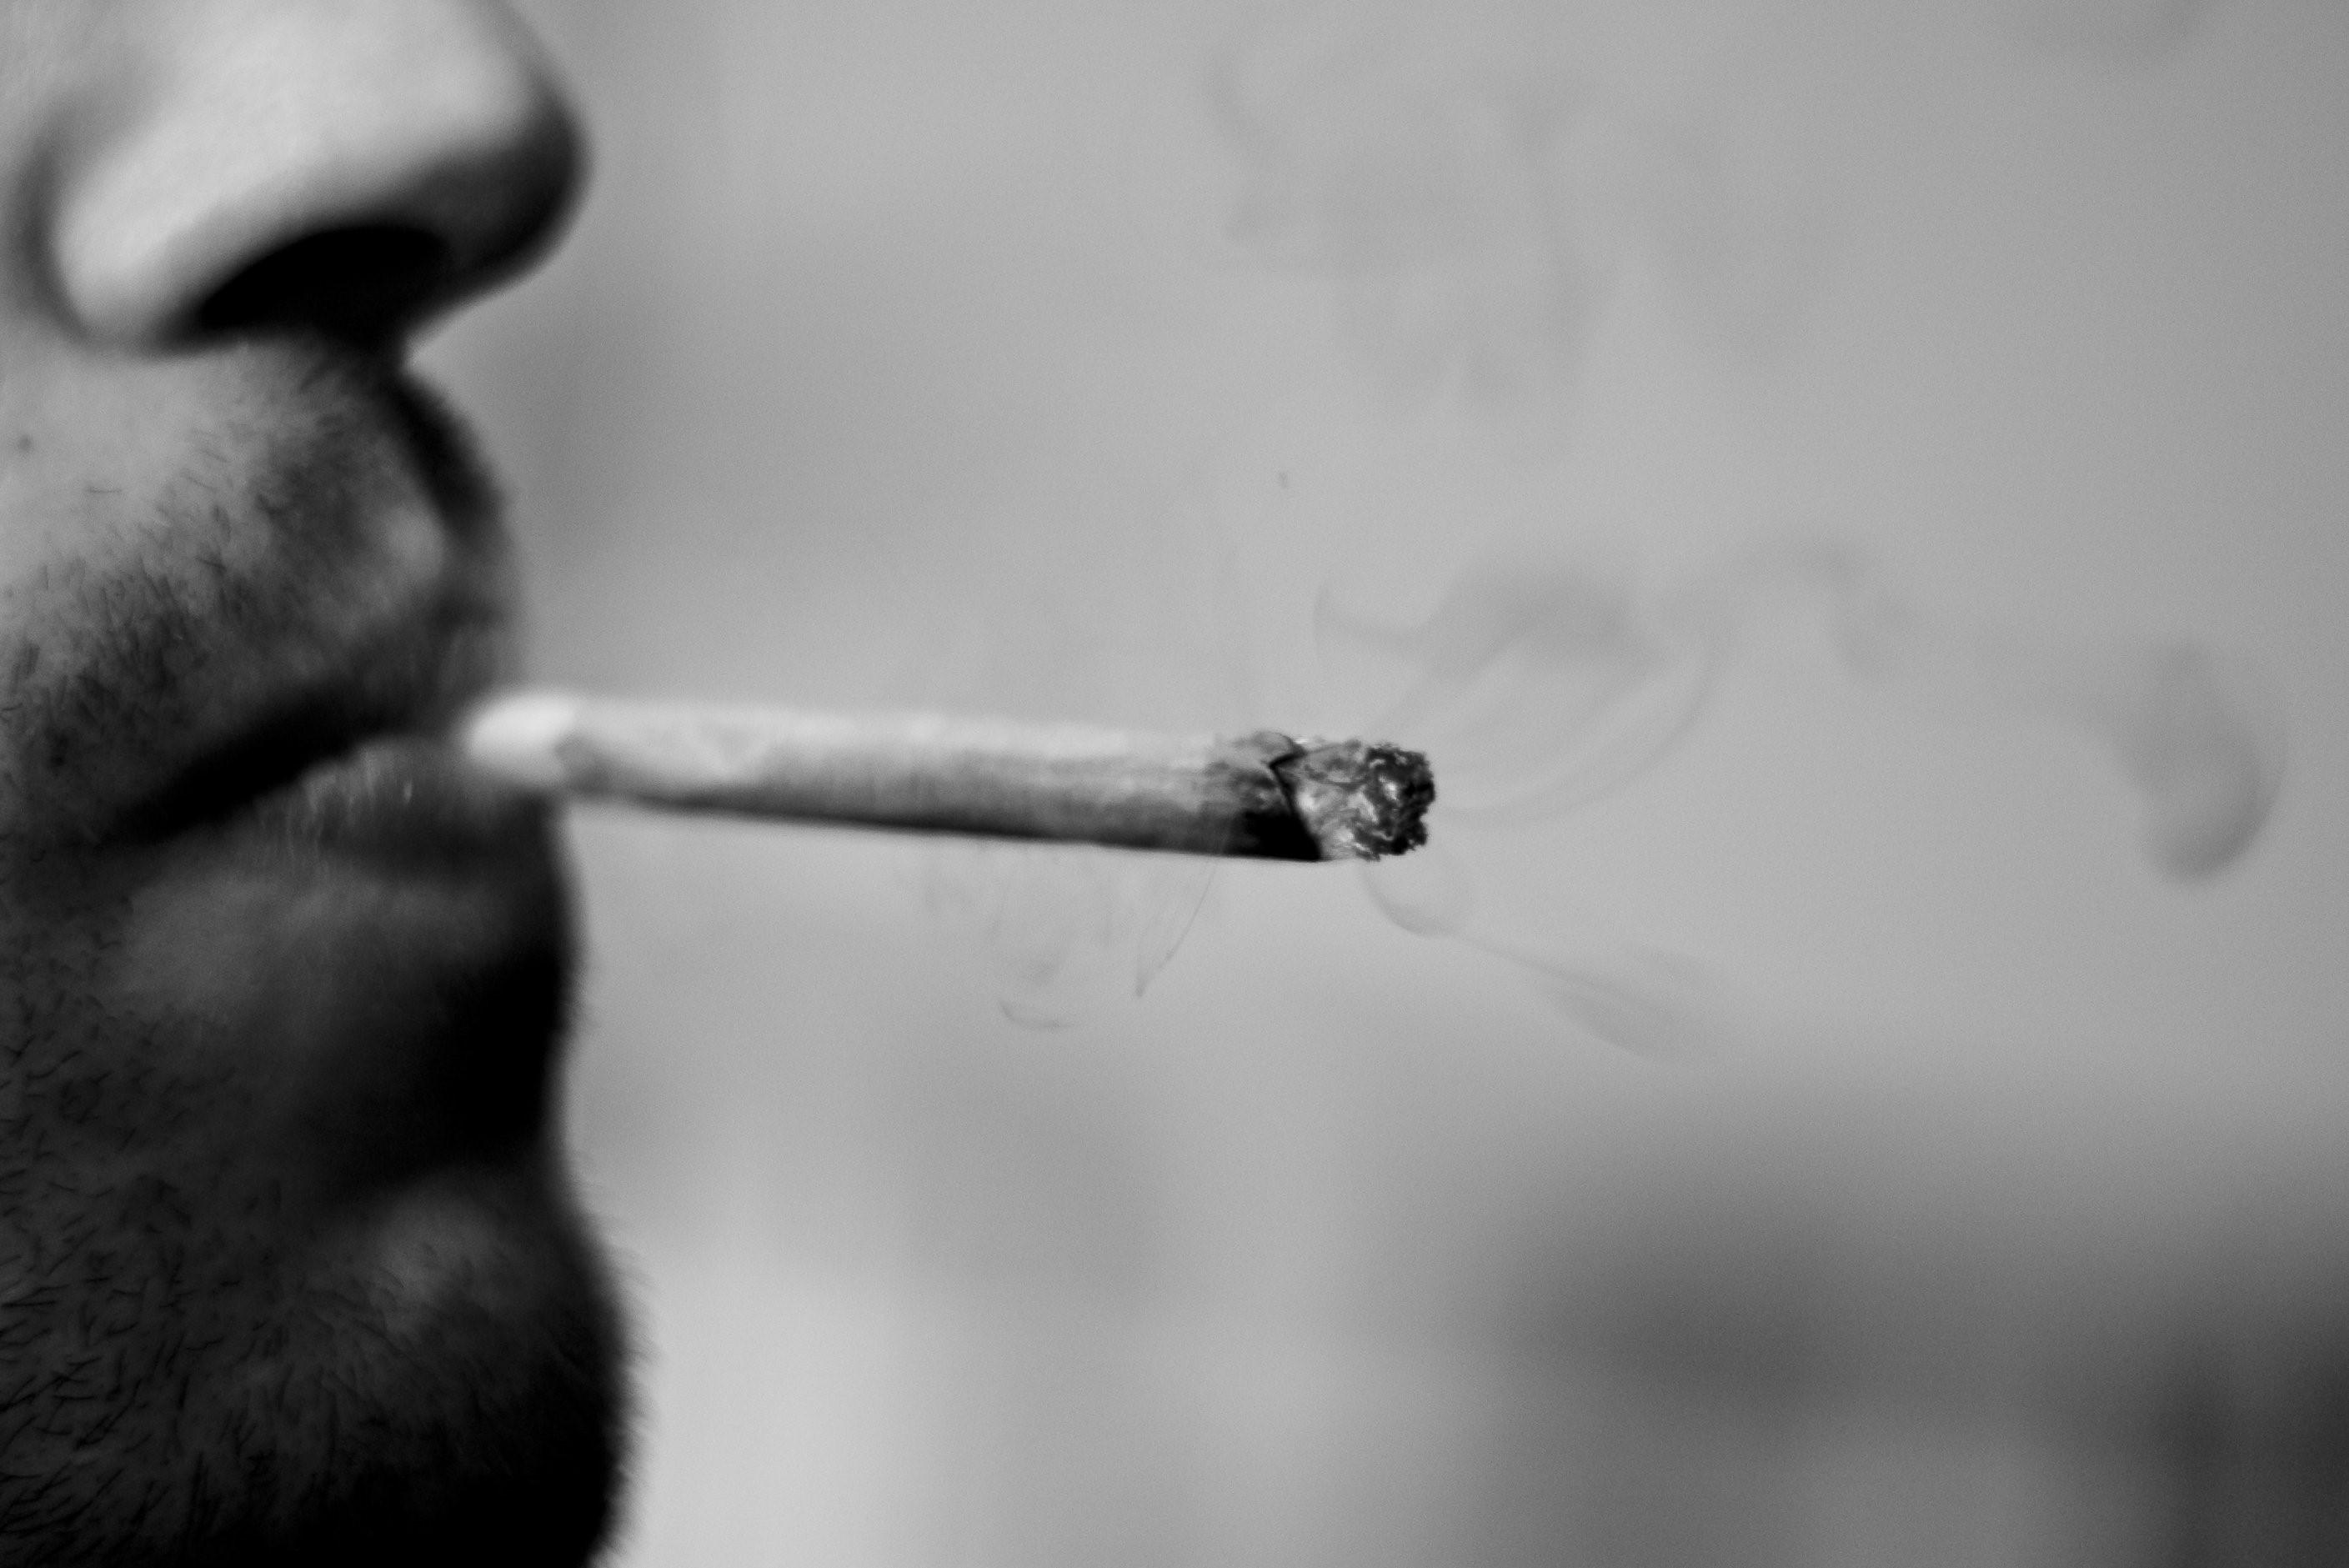 Un estudio asocia por primera vez el consumo de cannabis con todo tipo de trastornos mentales